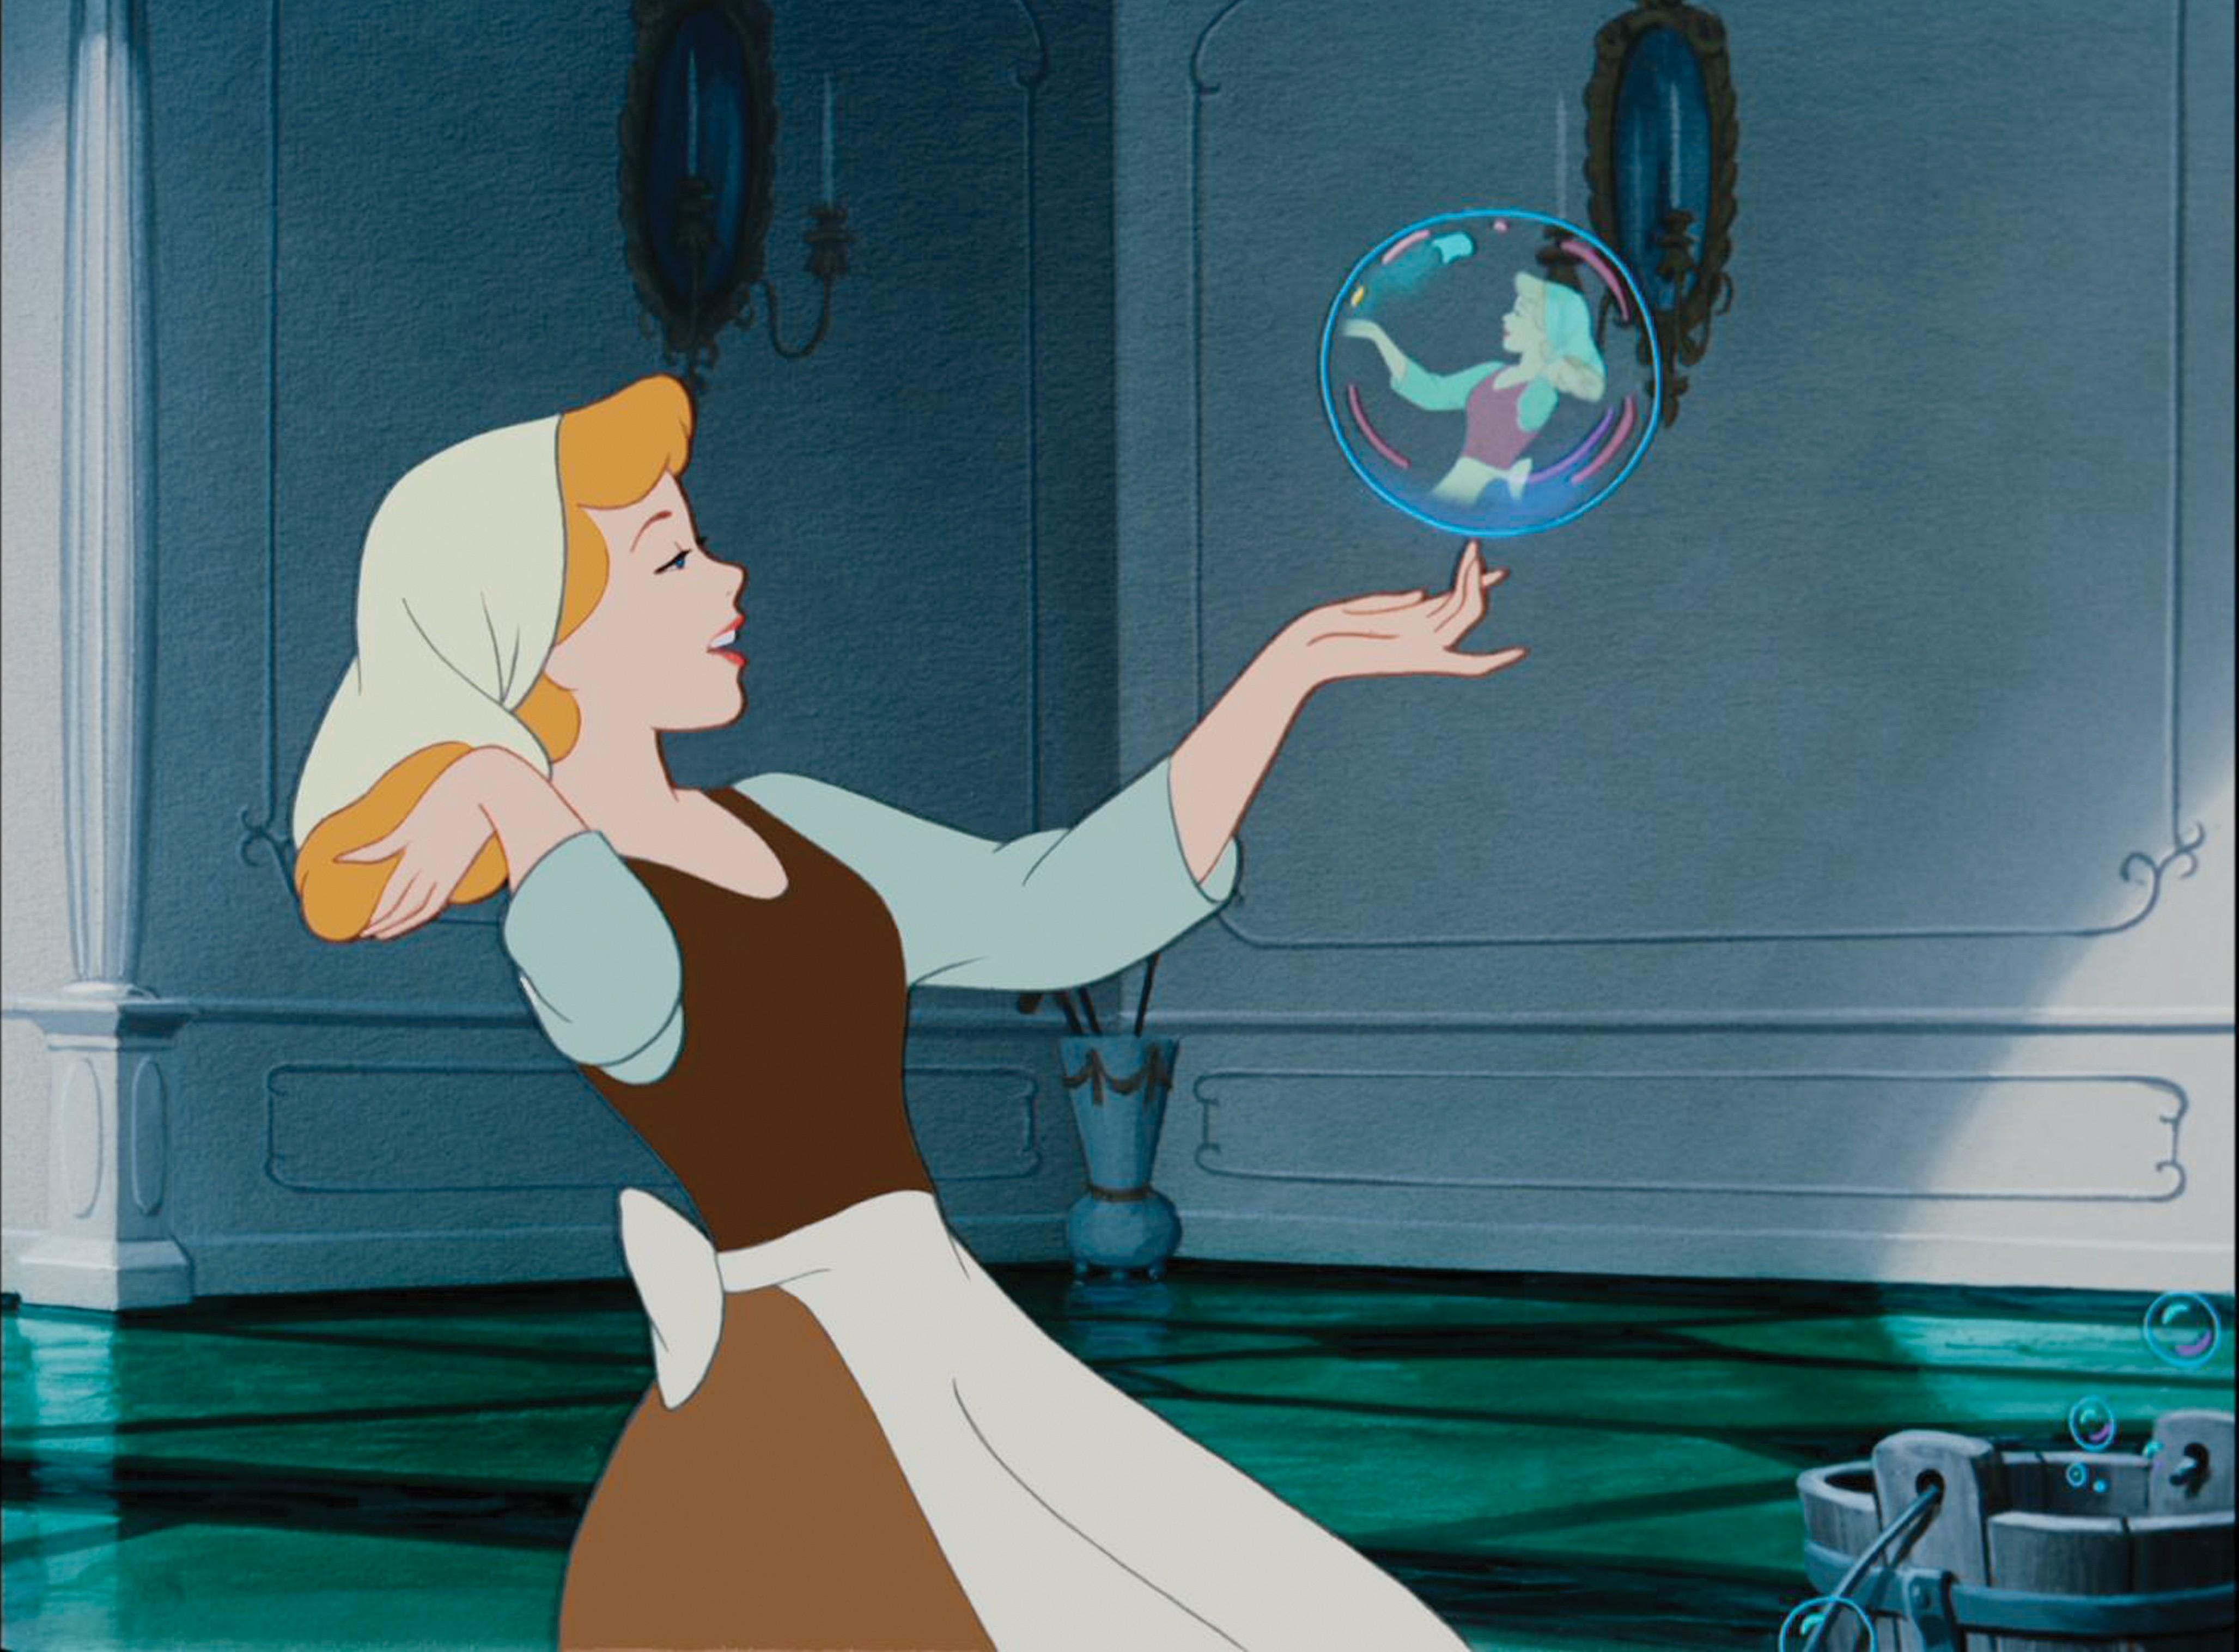 Доброта, трудолюбие и вера в мечту: чему можно научиться у принцесс Disney